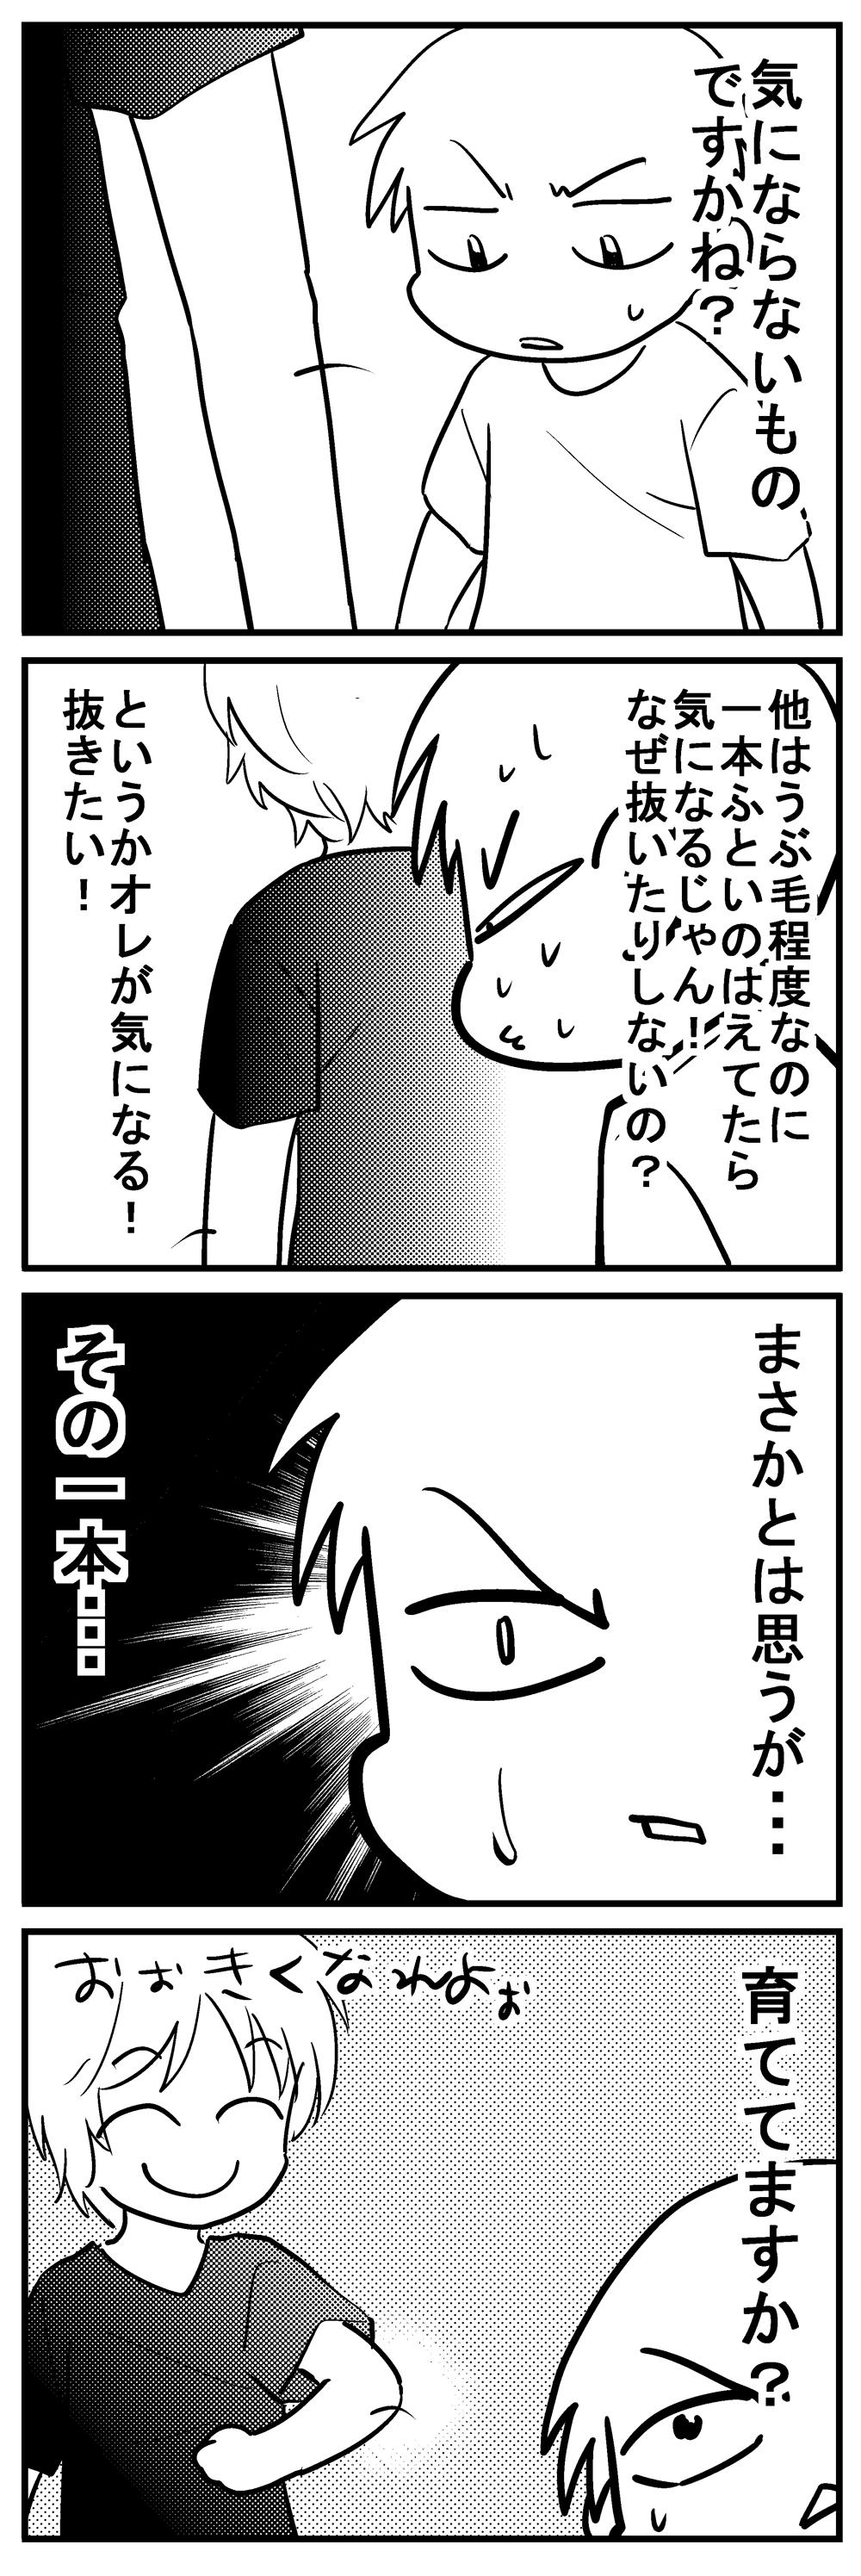 深読みくん66-2